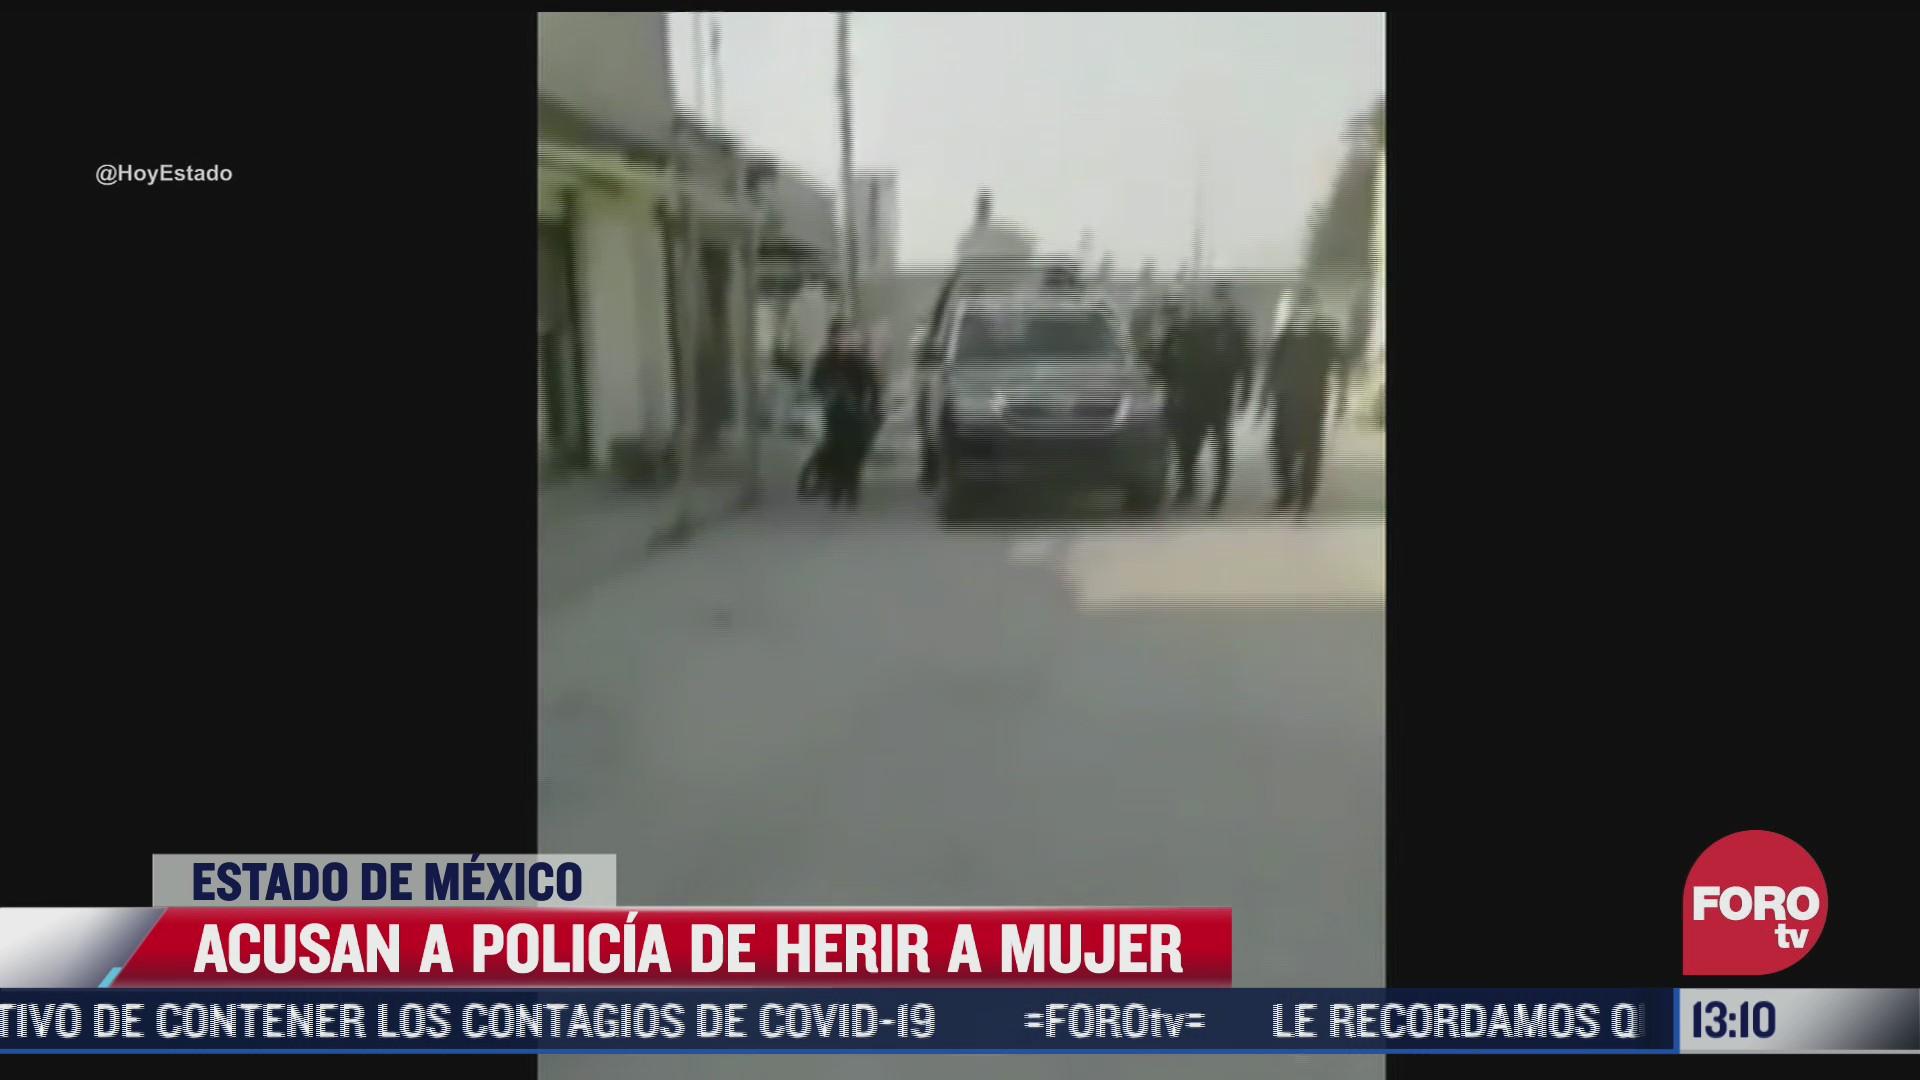 habitantes de chimalhuacan acusan a policia de herir a una mujer